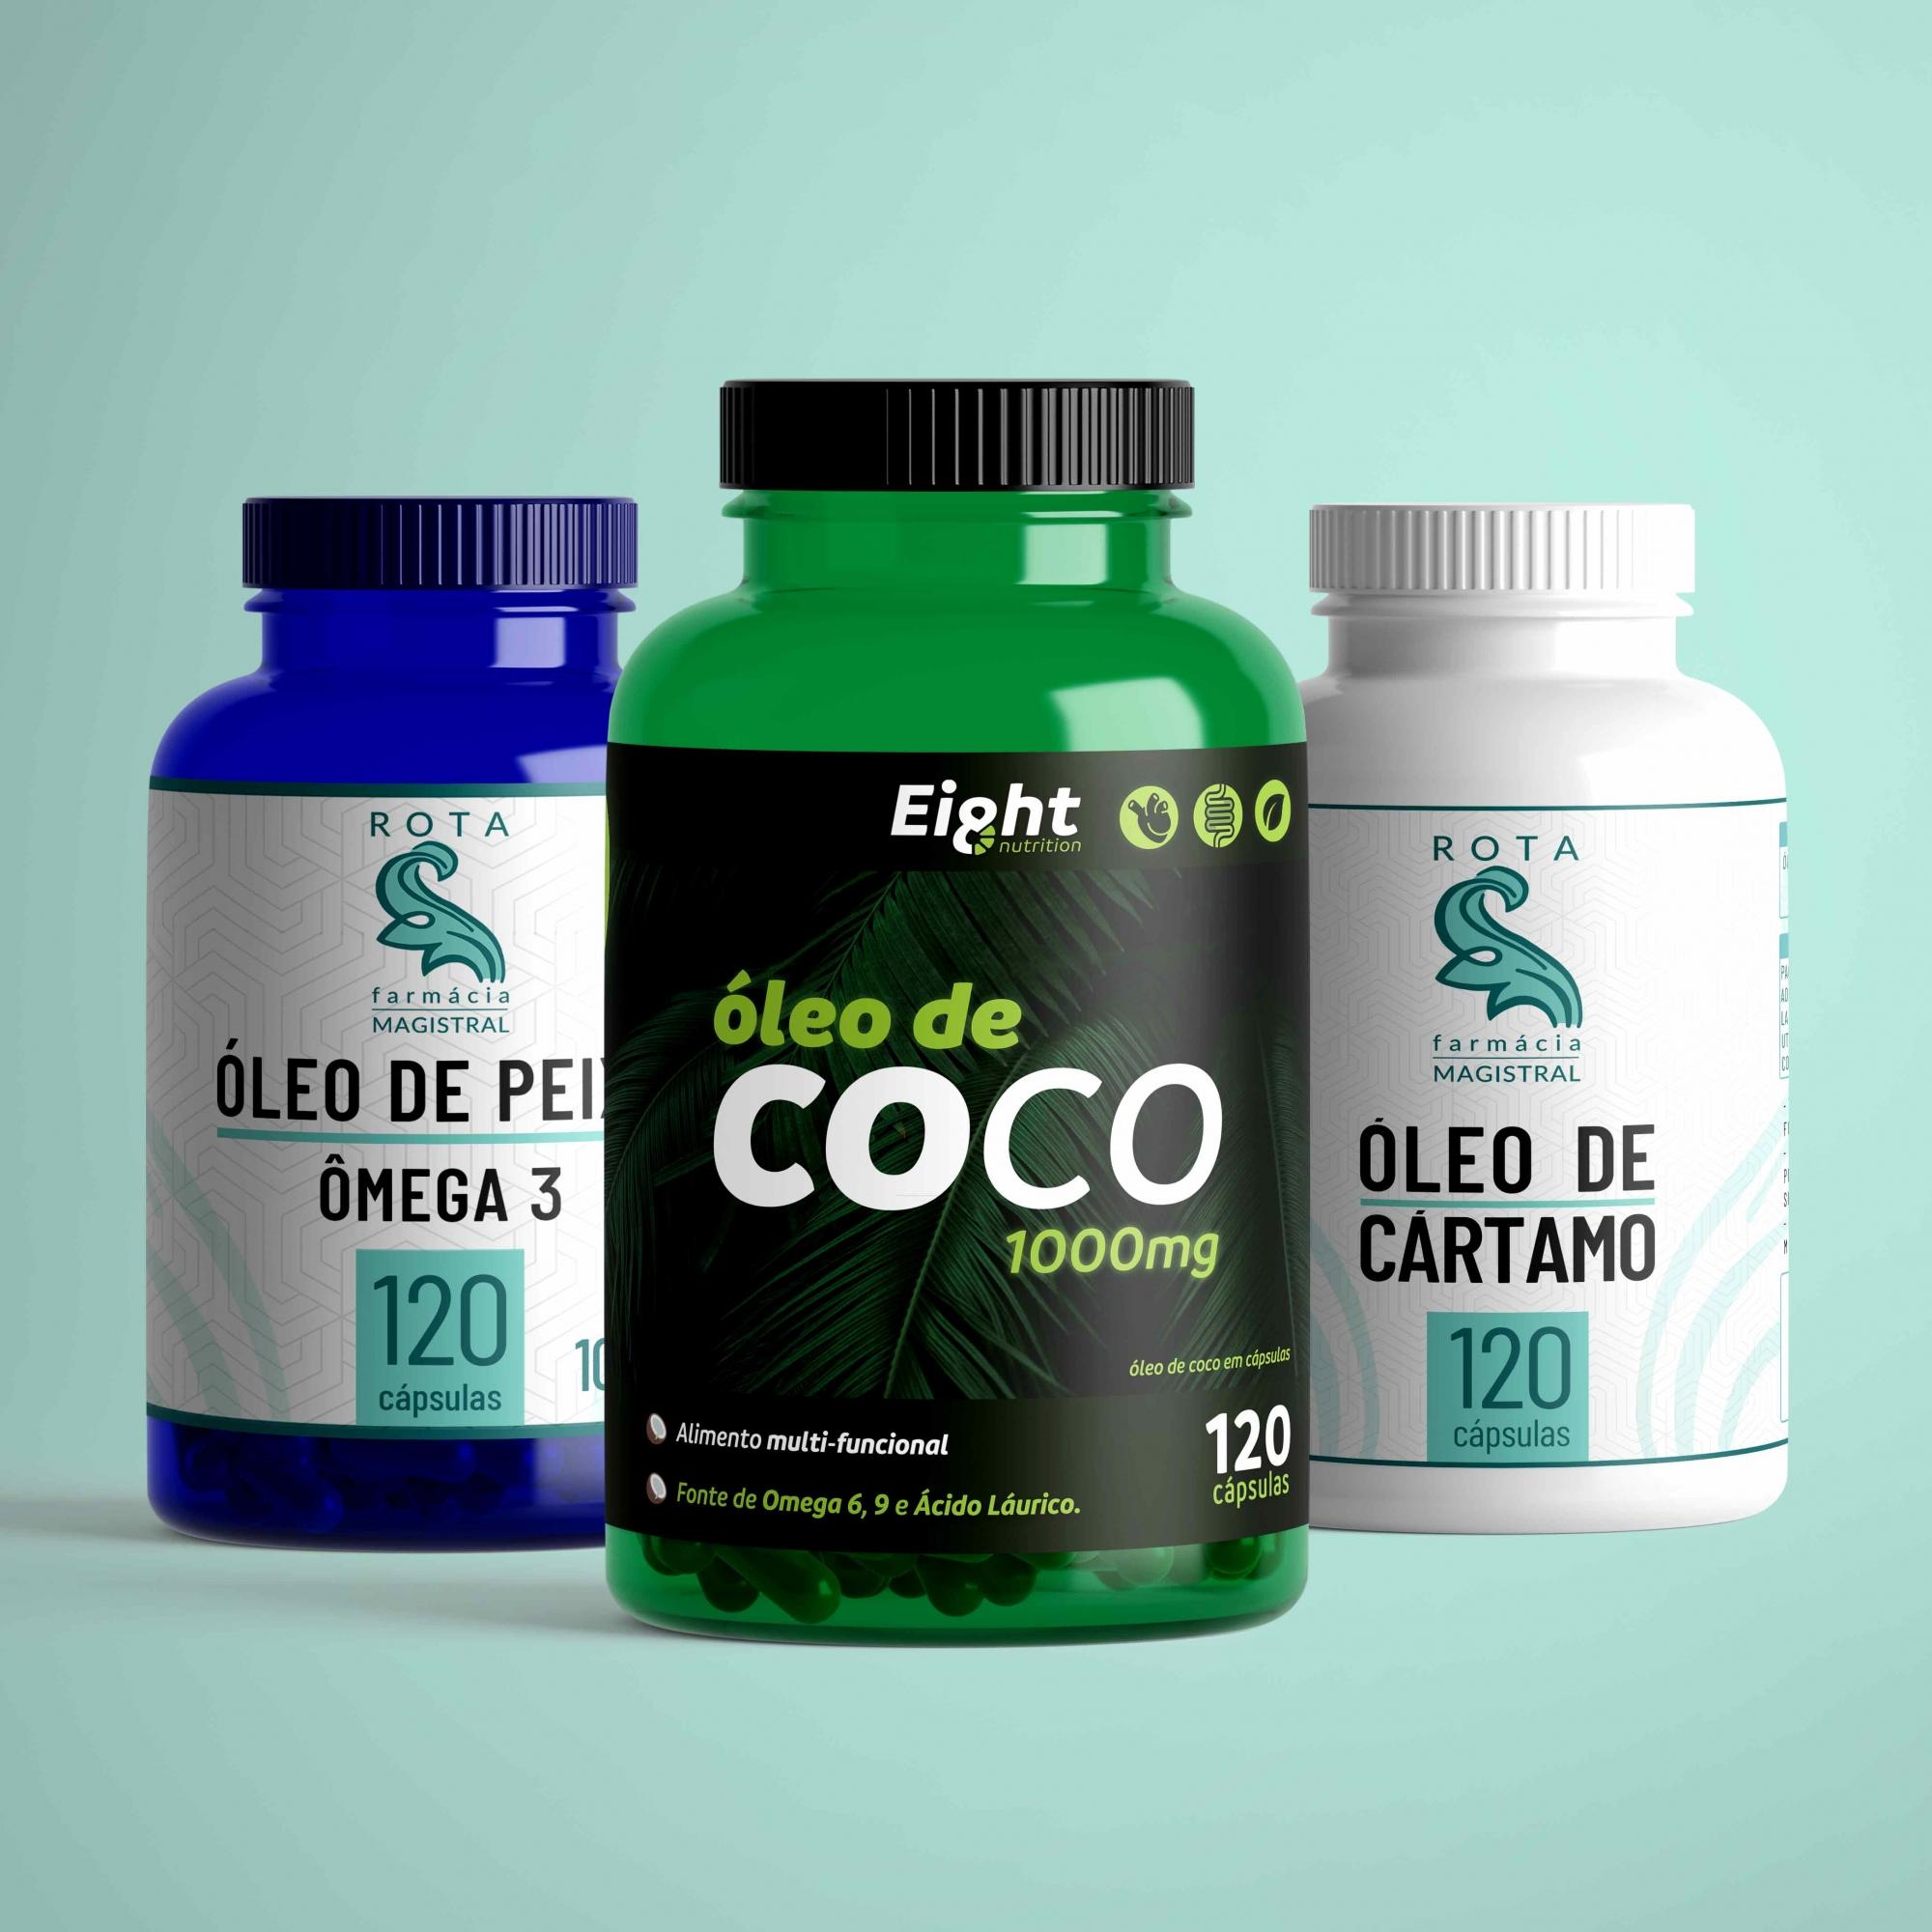 KIT - Óleo de Coco, Cártamo e Ômega 3 -120 cápsulas (cada)